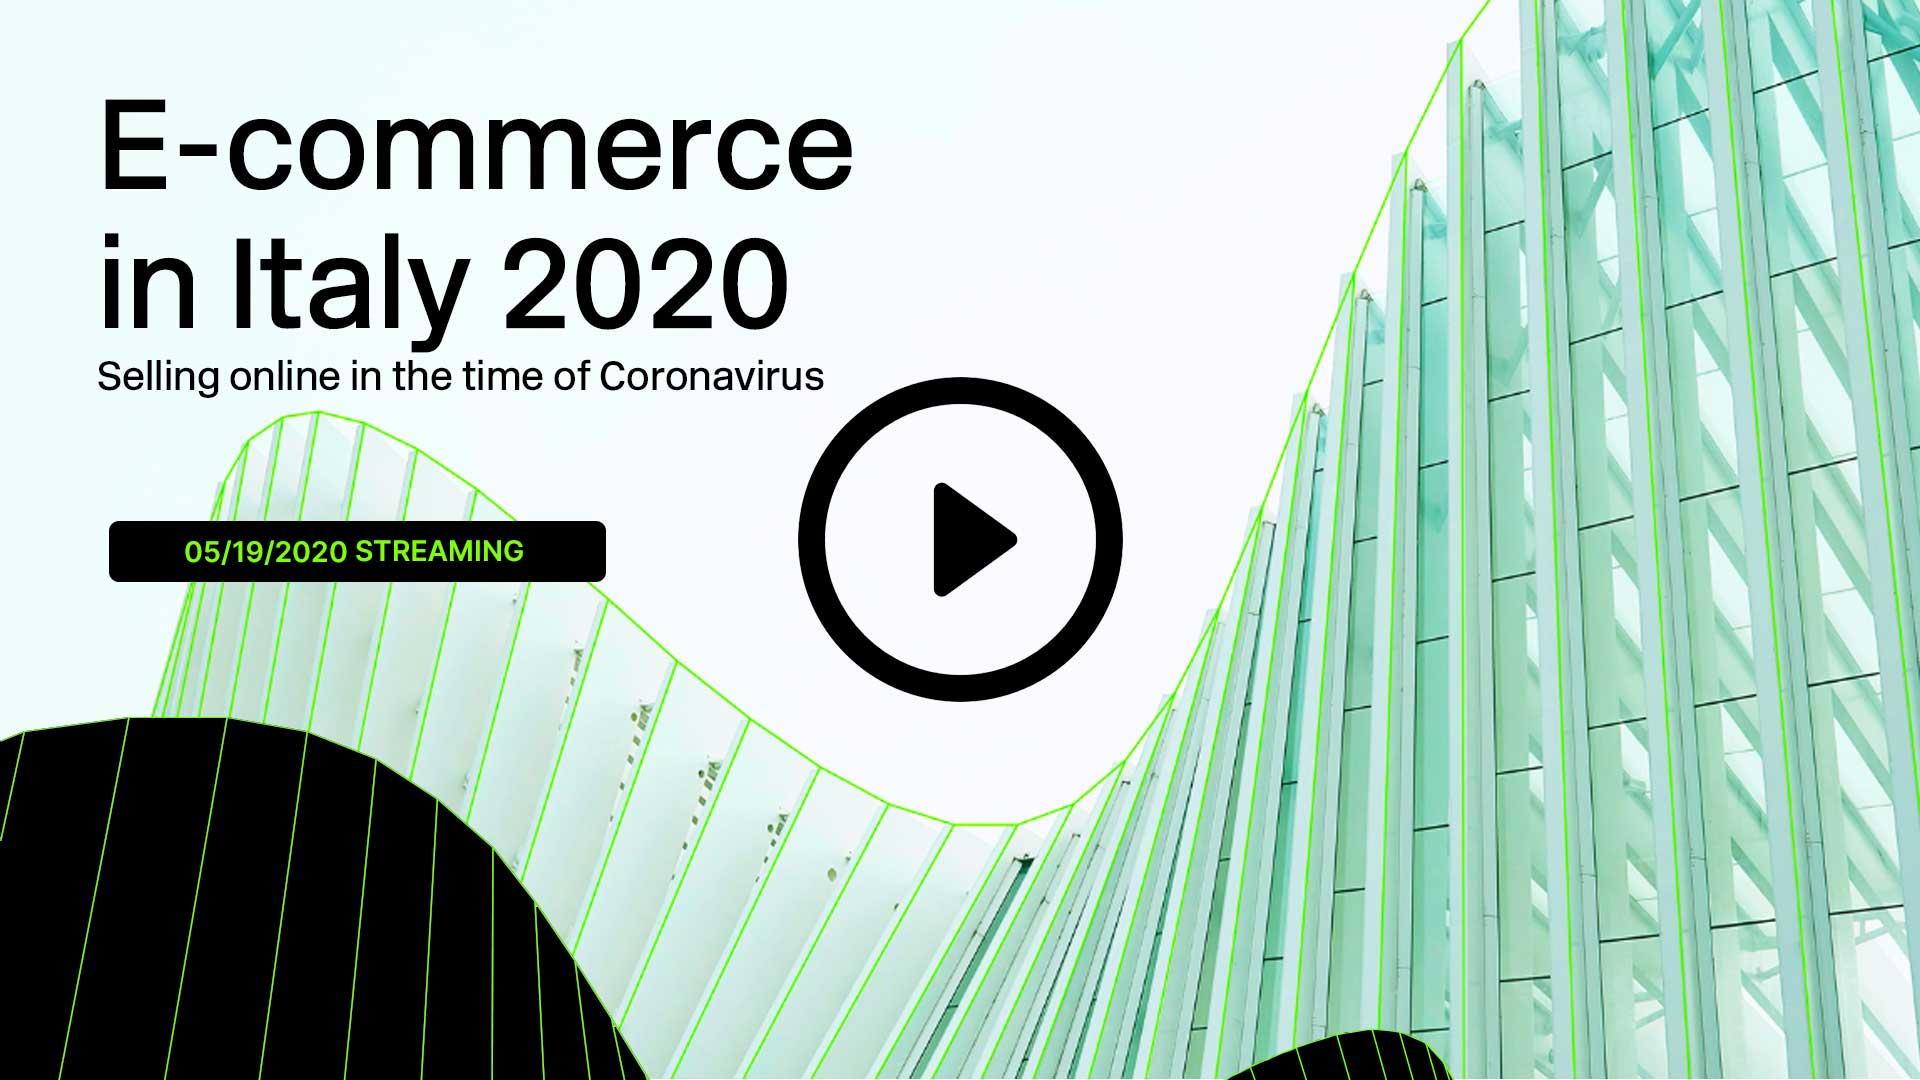 Presentazione - E-commerce in Italy 2020